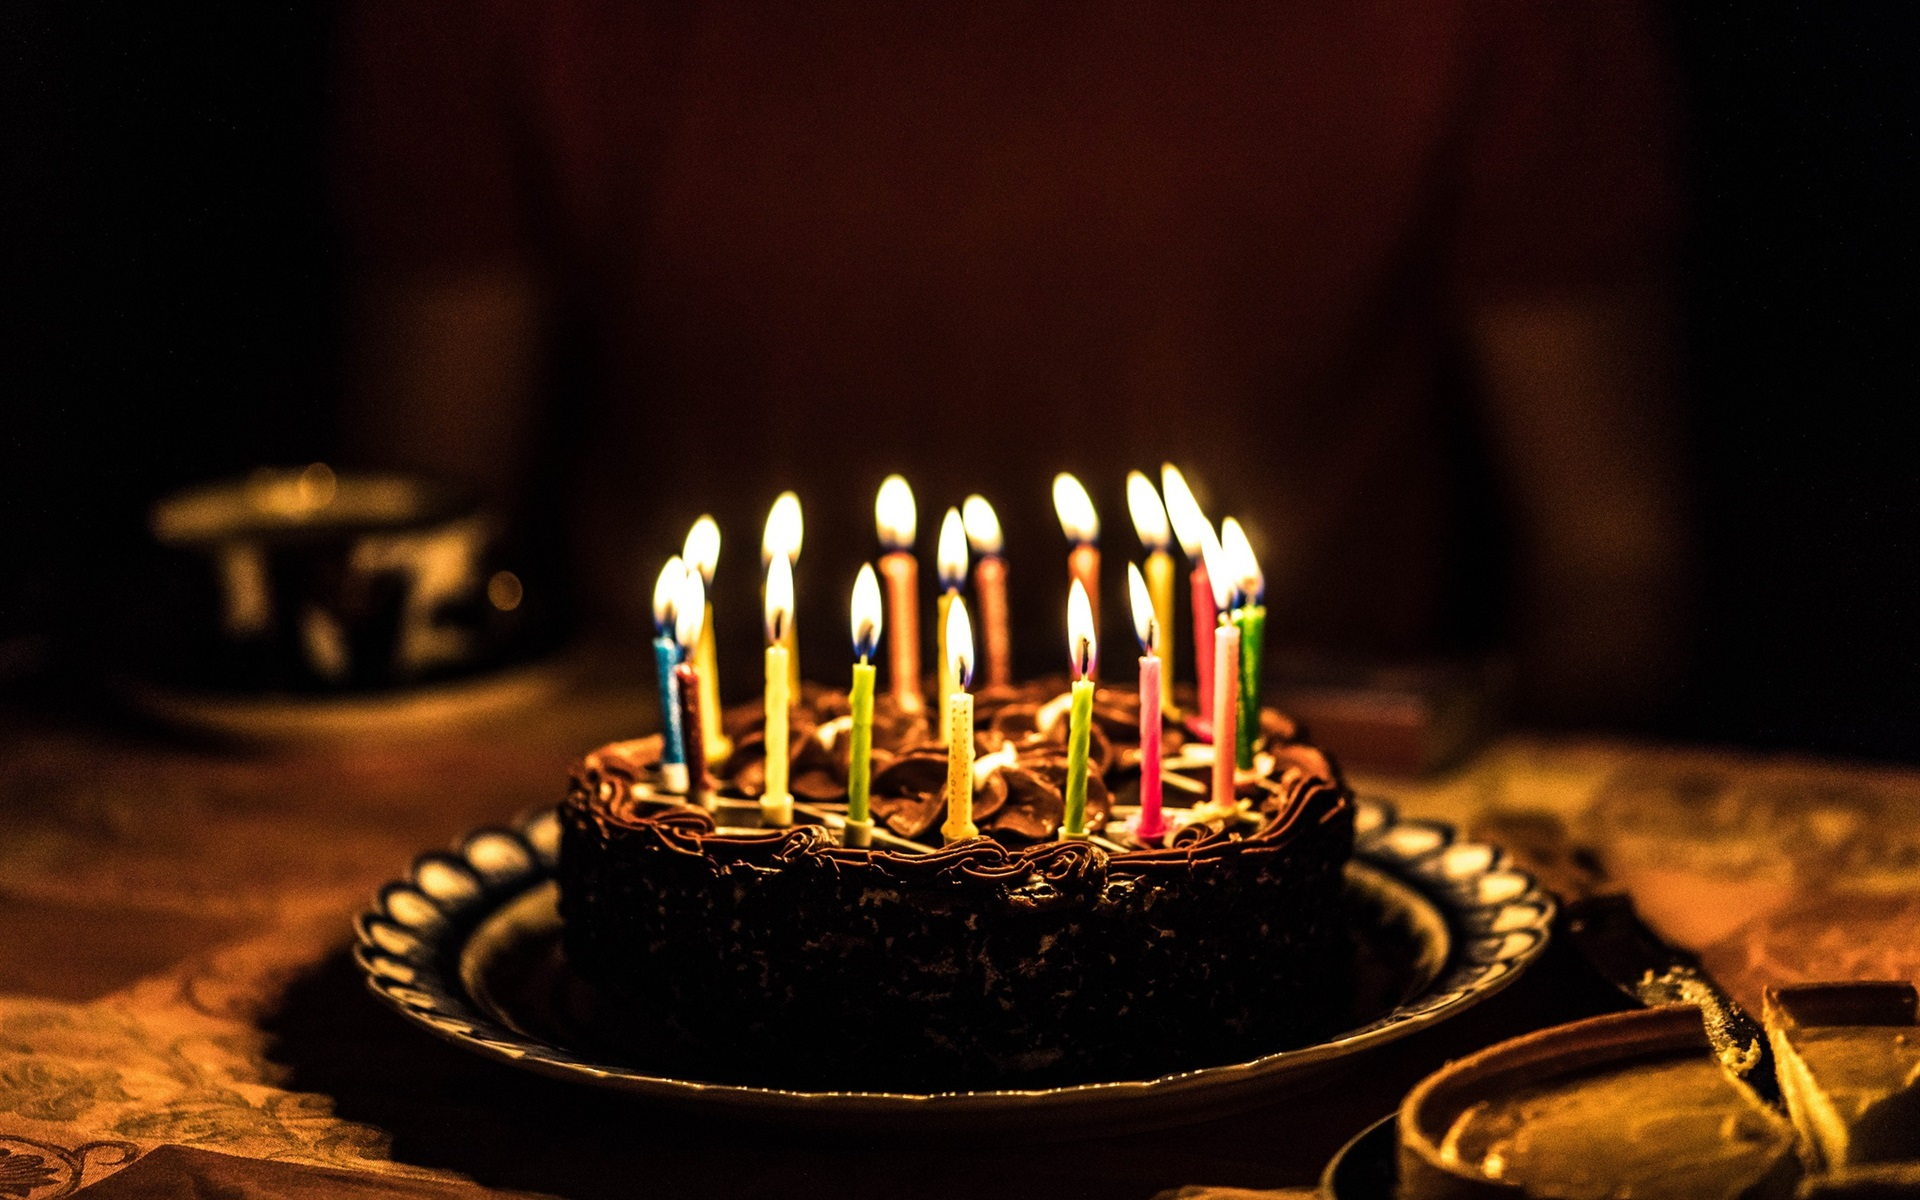 Открытки с днем рождения торт и свечи